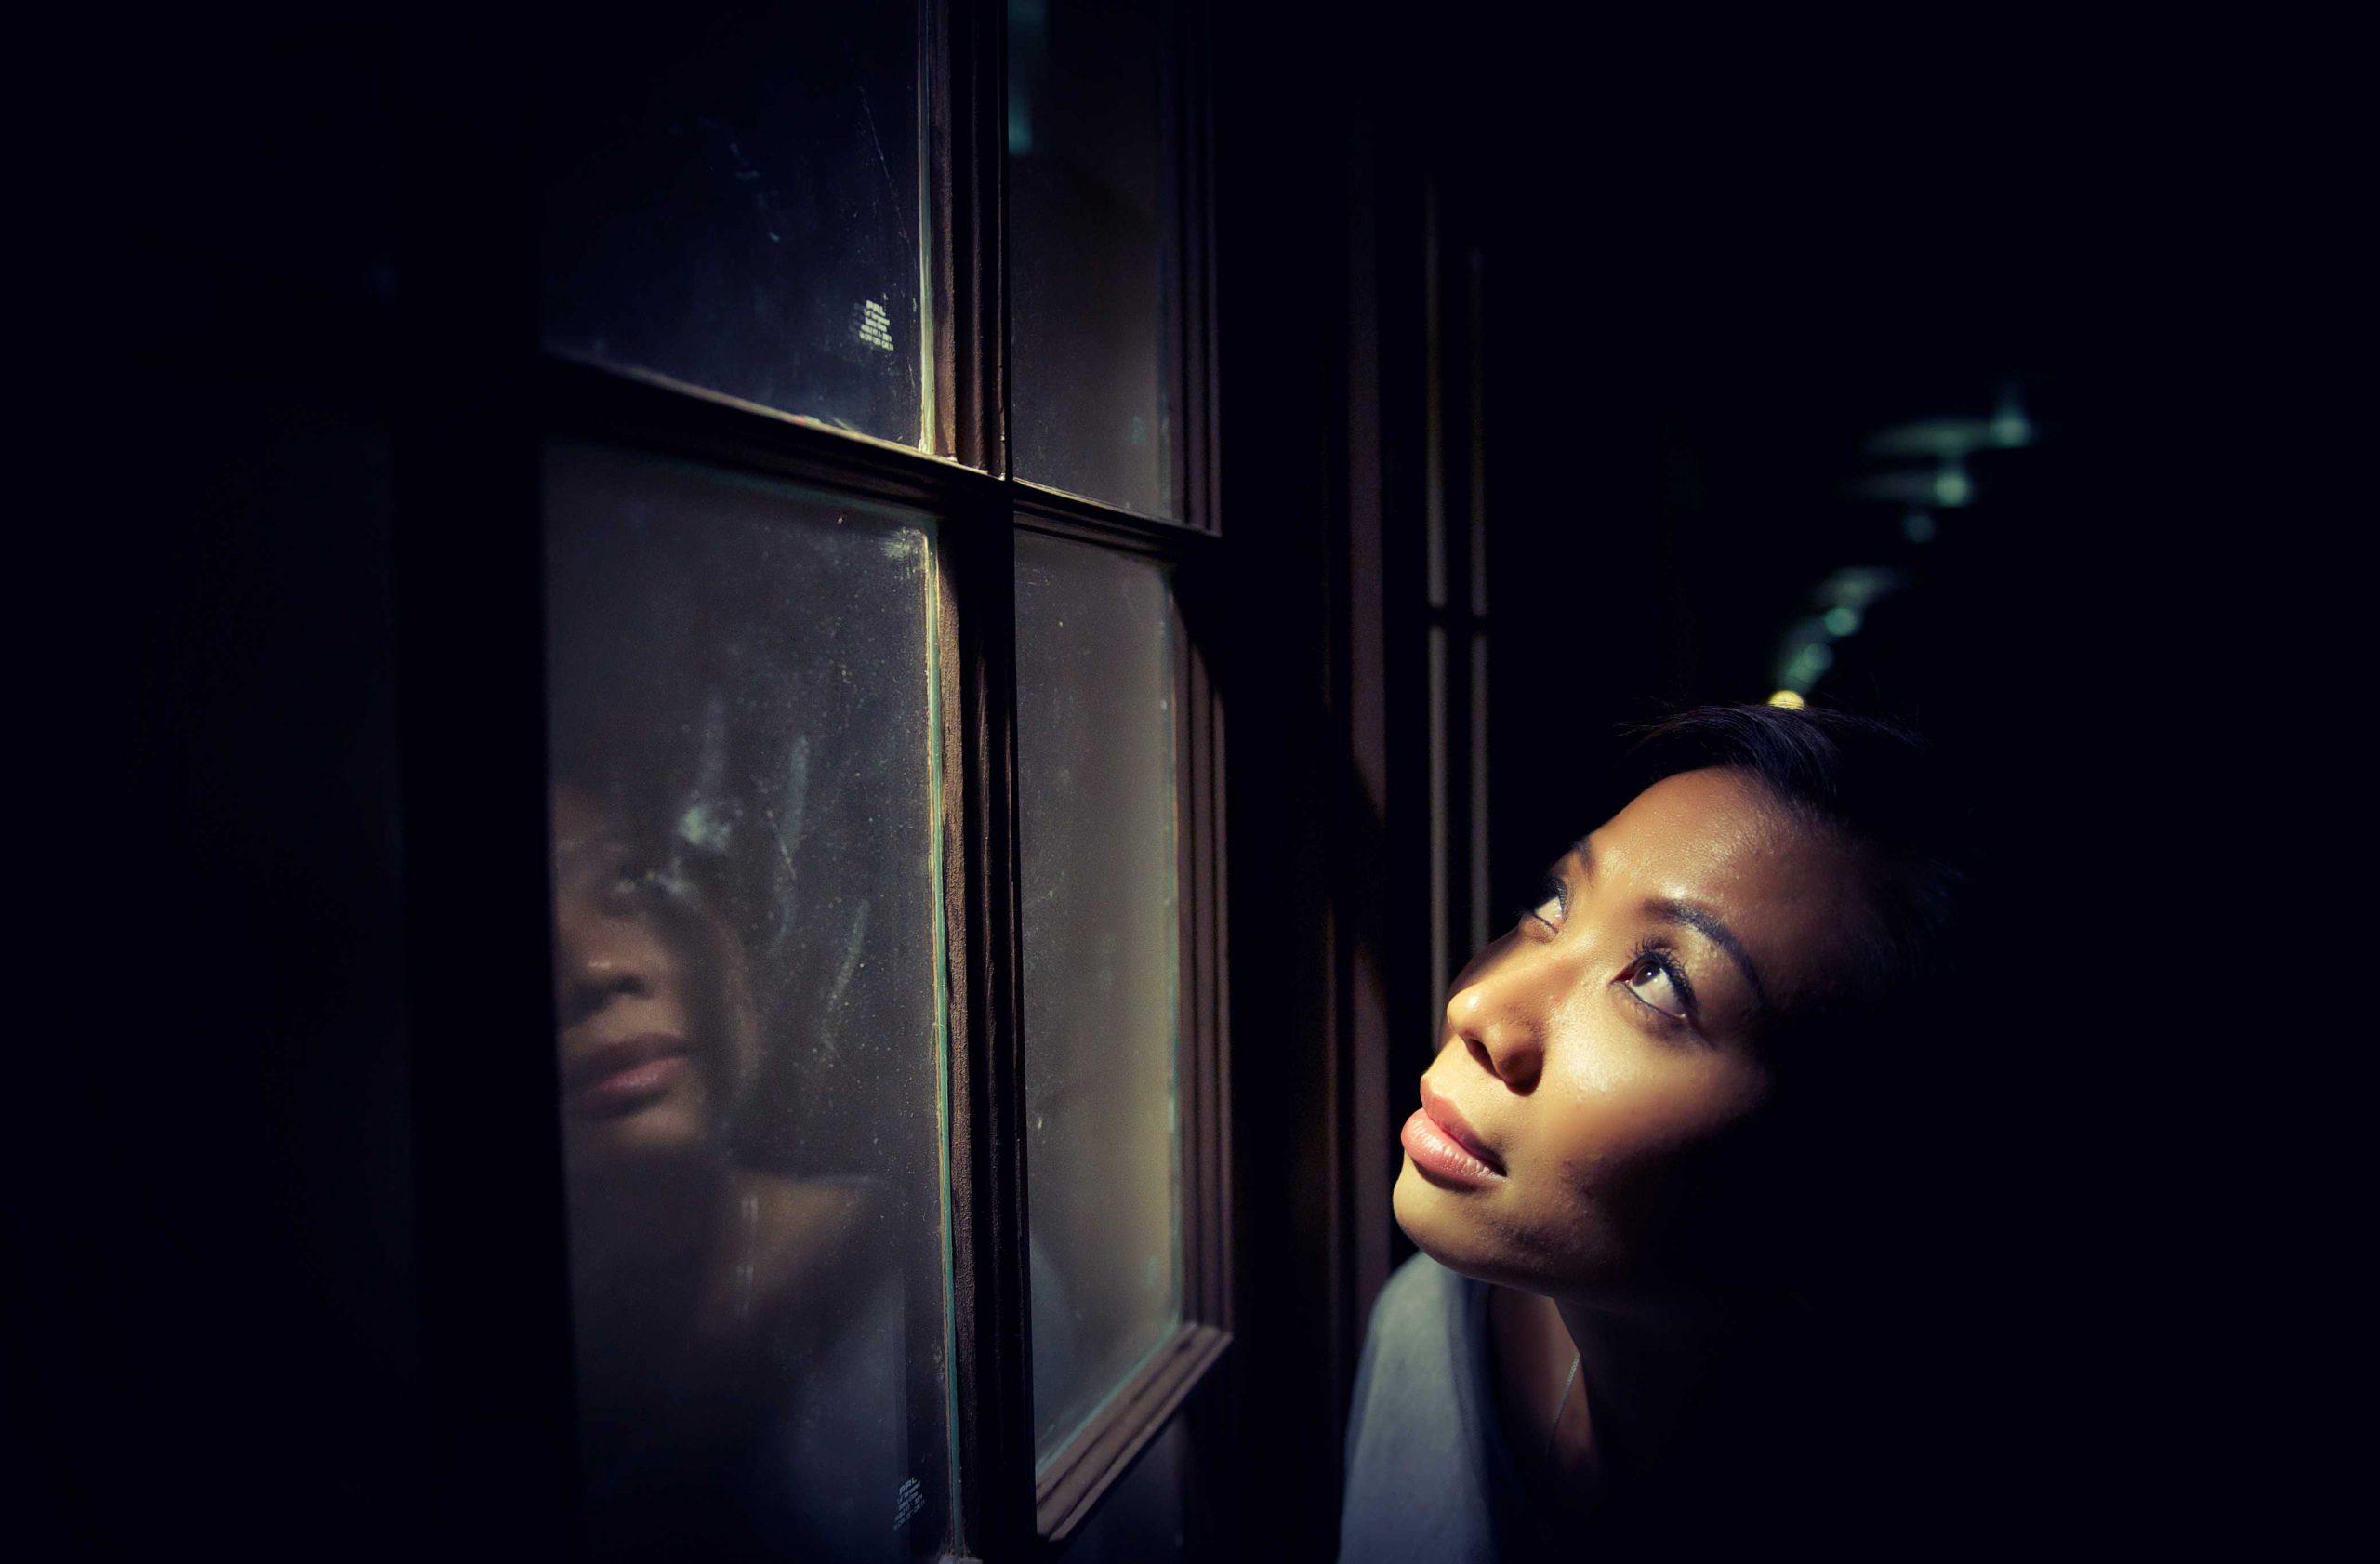 Einschlafprobleme: Interessante Tipps, wenn du nicht einschlafen kannst